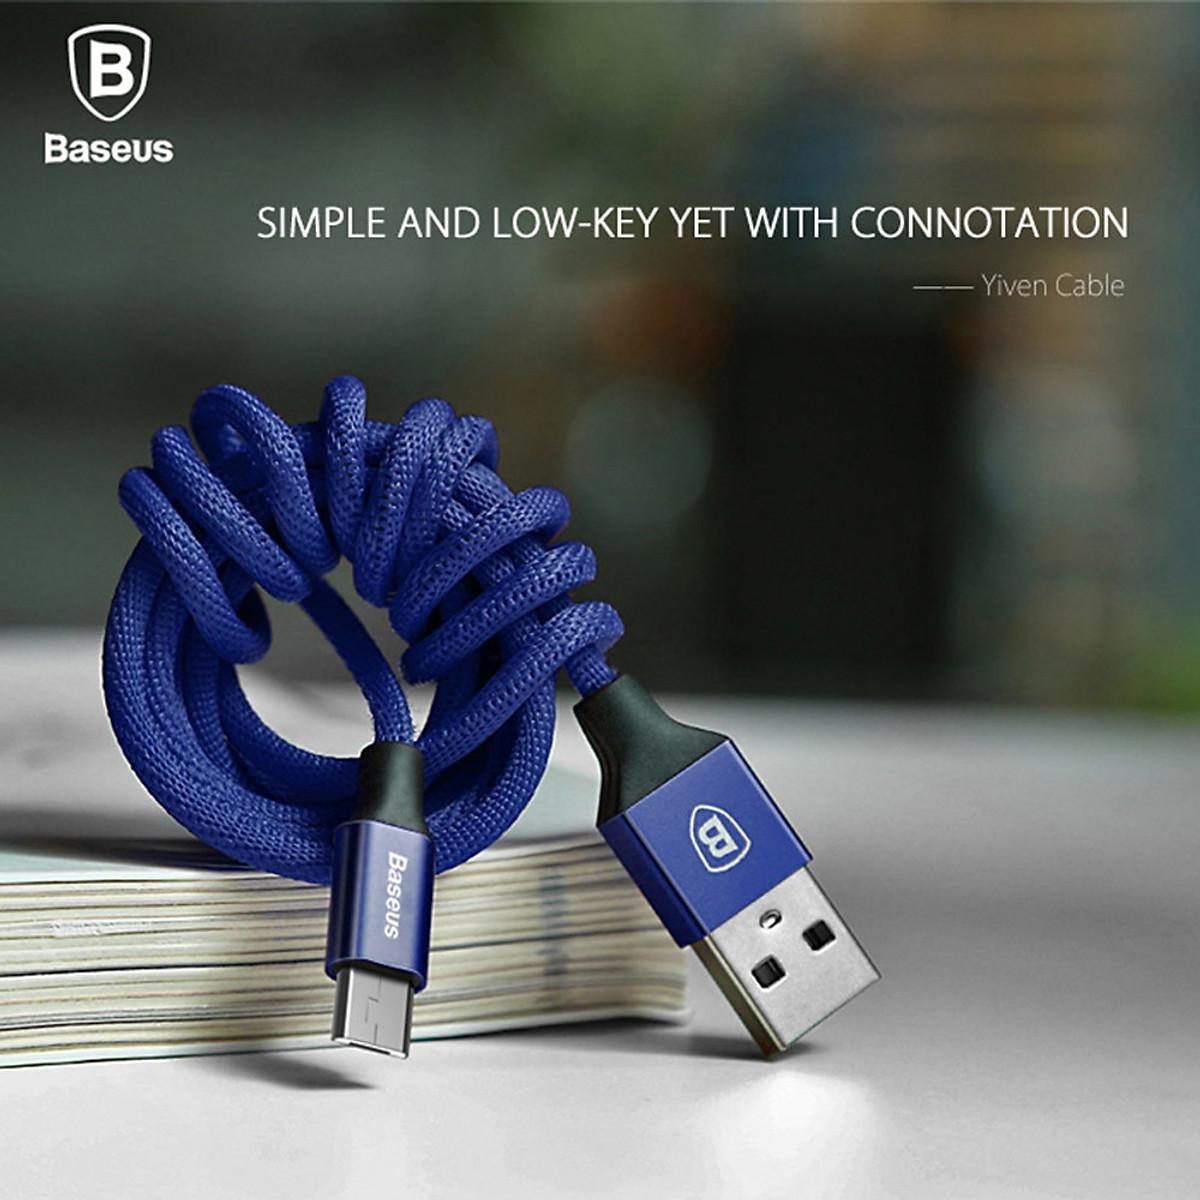 Cáp sạc USB ra Micro USB Baseus Yiven dài 1m - Hàng chính hãng 12